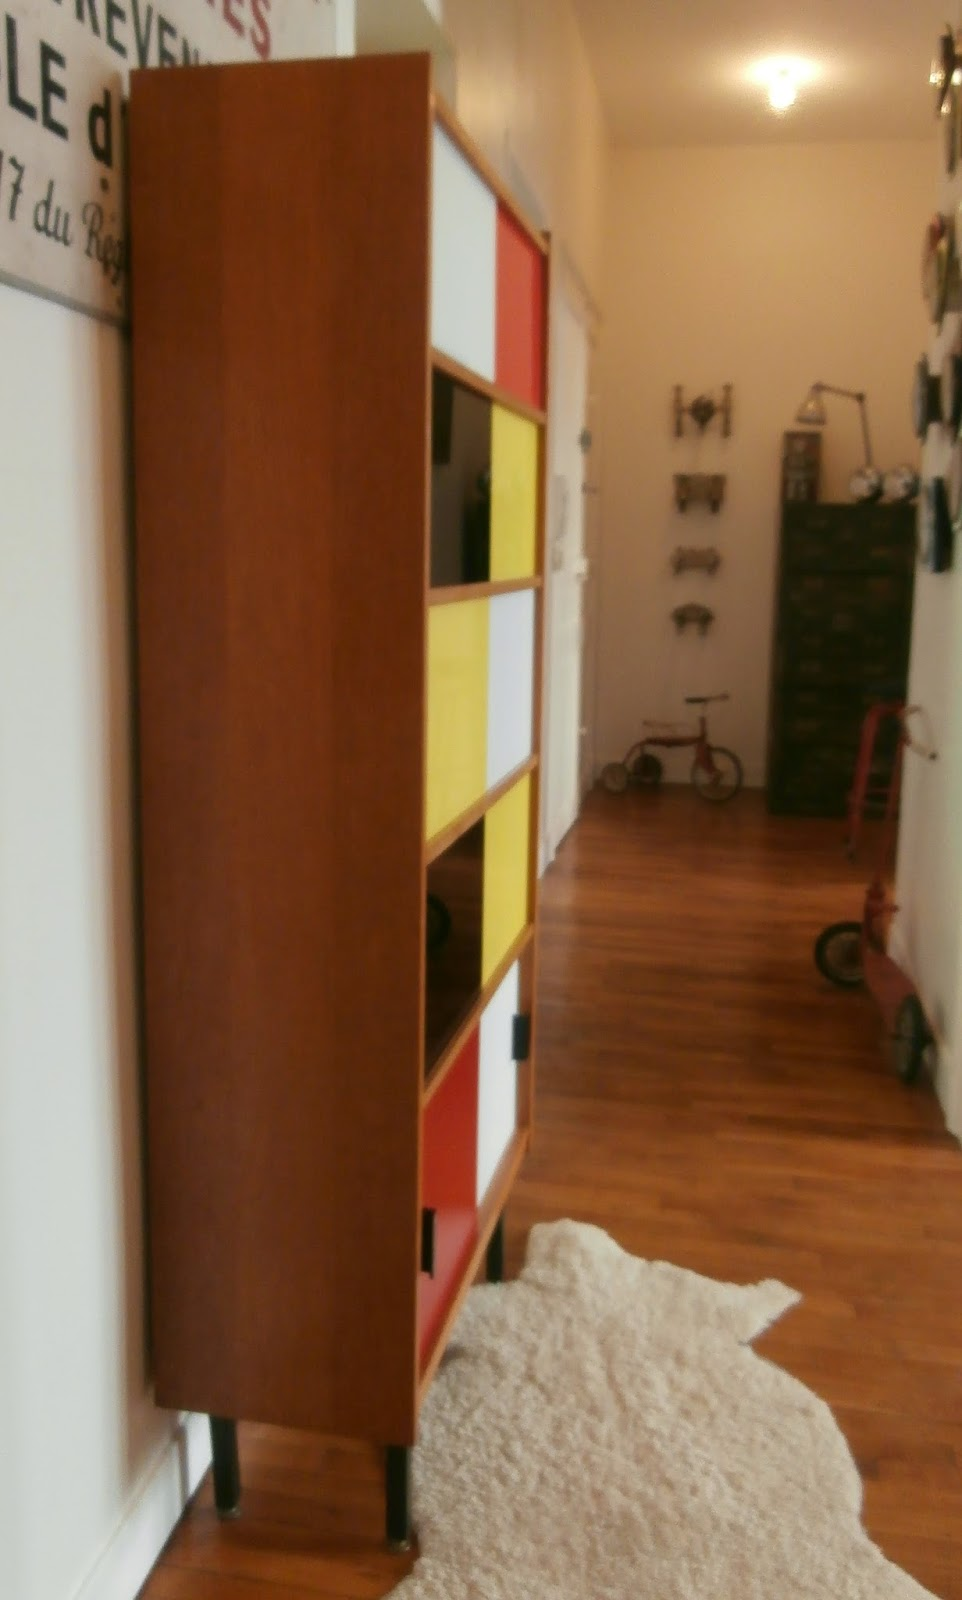 Dur e de vie ind termin e biblioth que vitrines color es for Duree de vie d un chene